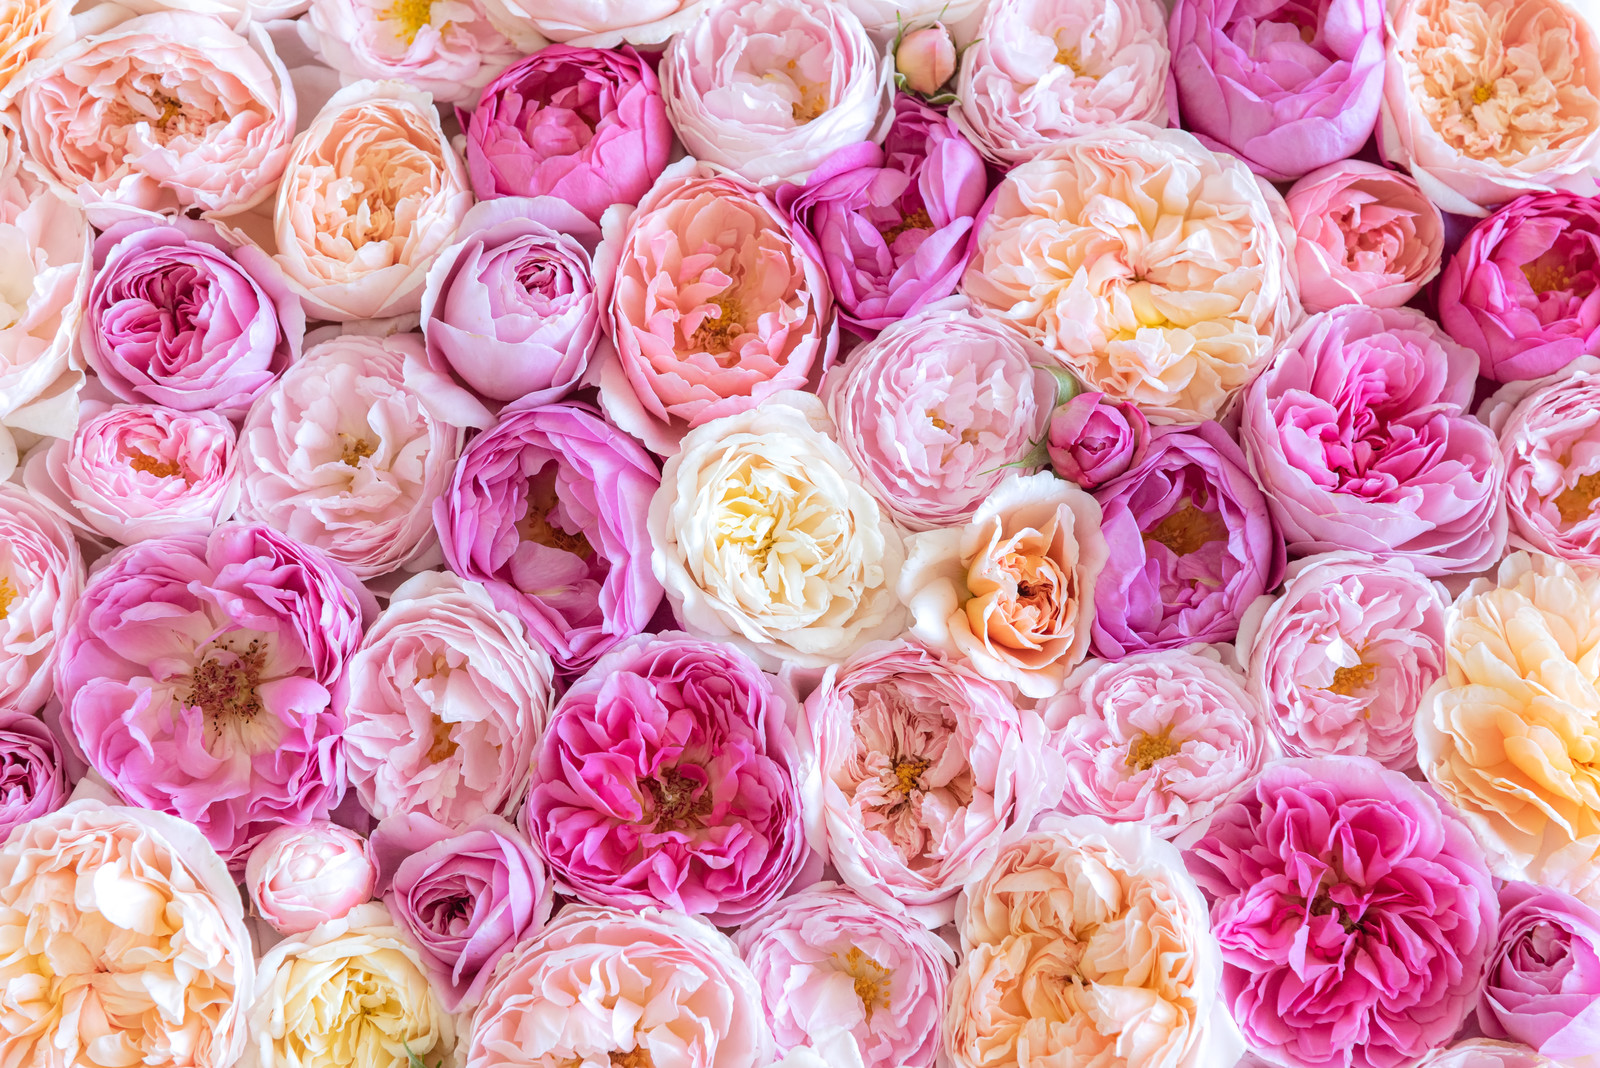 「ピンクのばらのテクスチャ」の写真